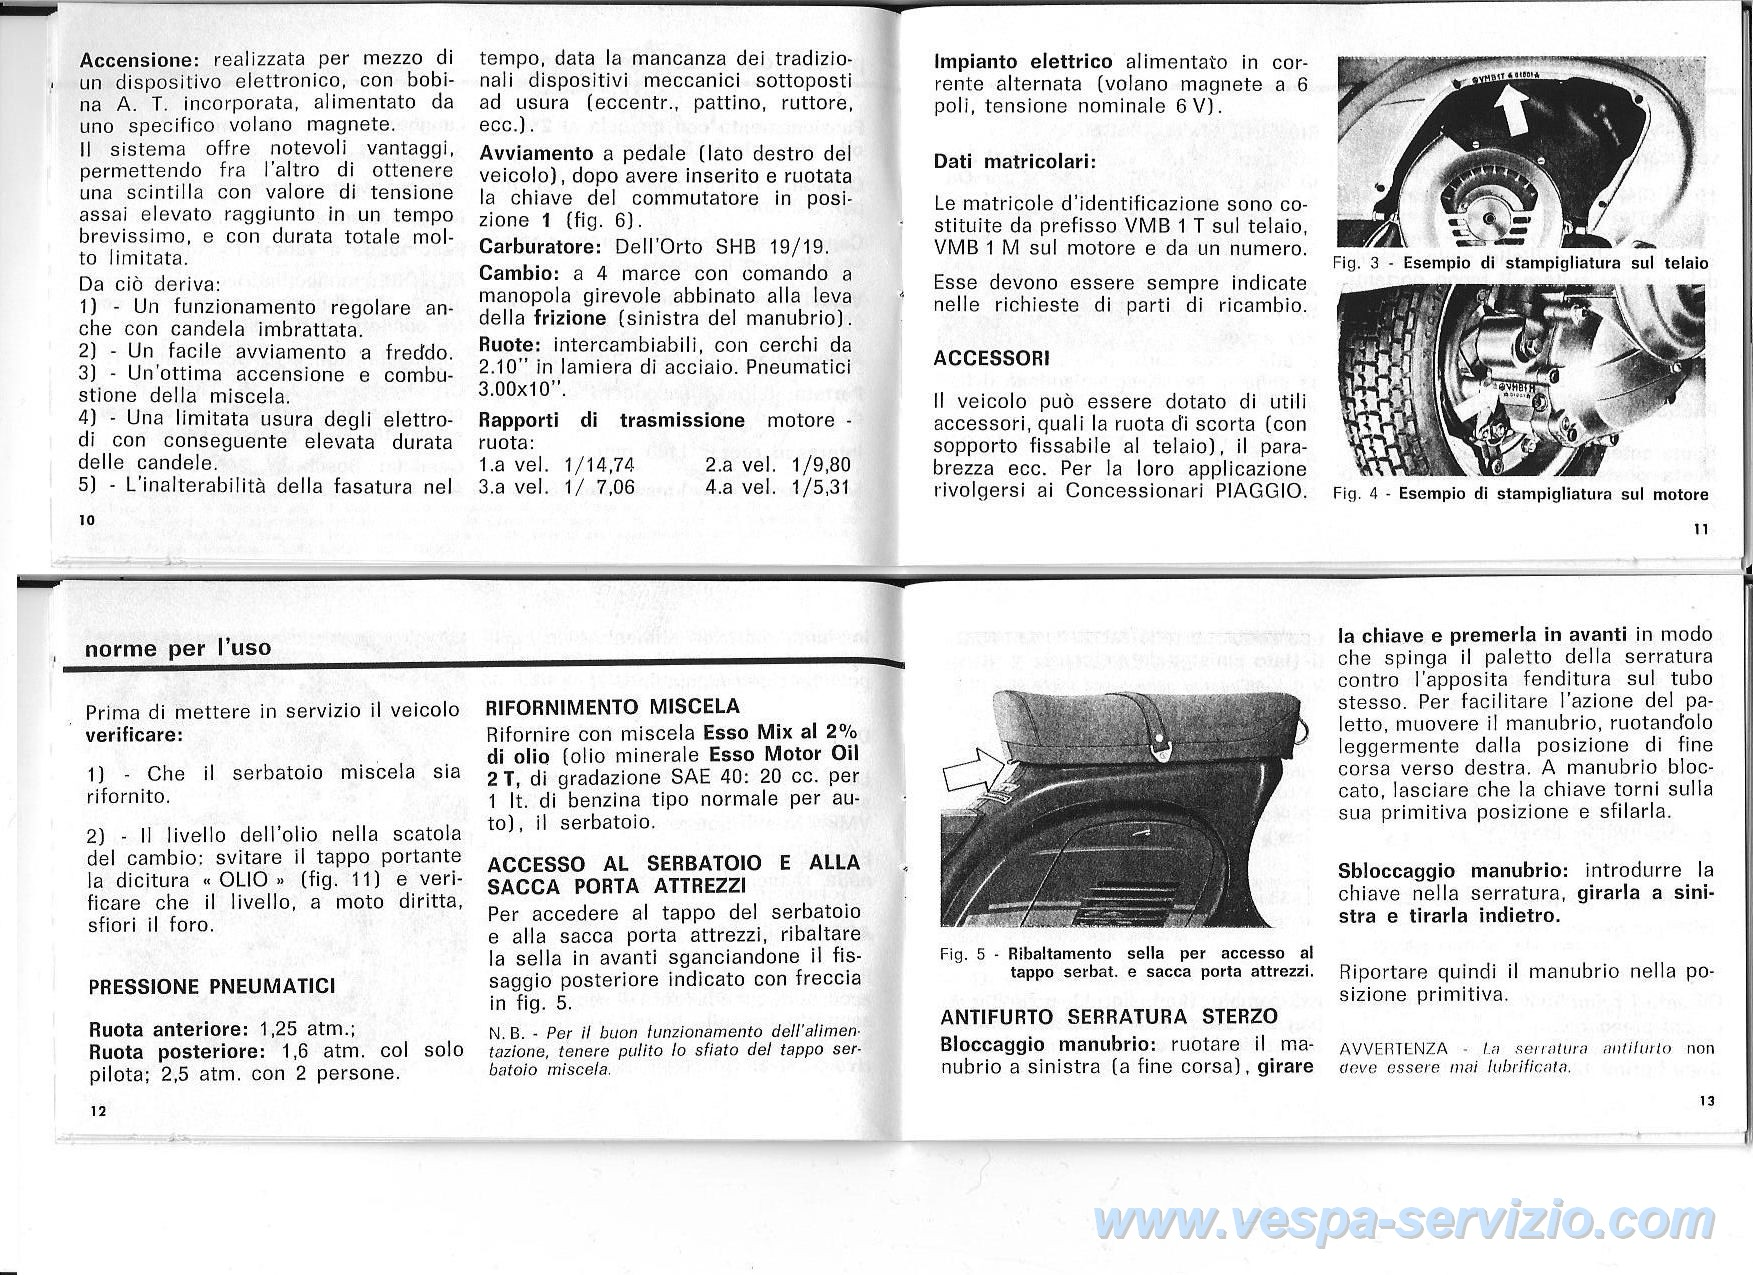 manuale d uso e manutenzione vespa 125 et3 e primavera adatto anche rh vespa servizio com